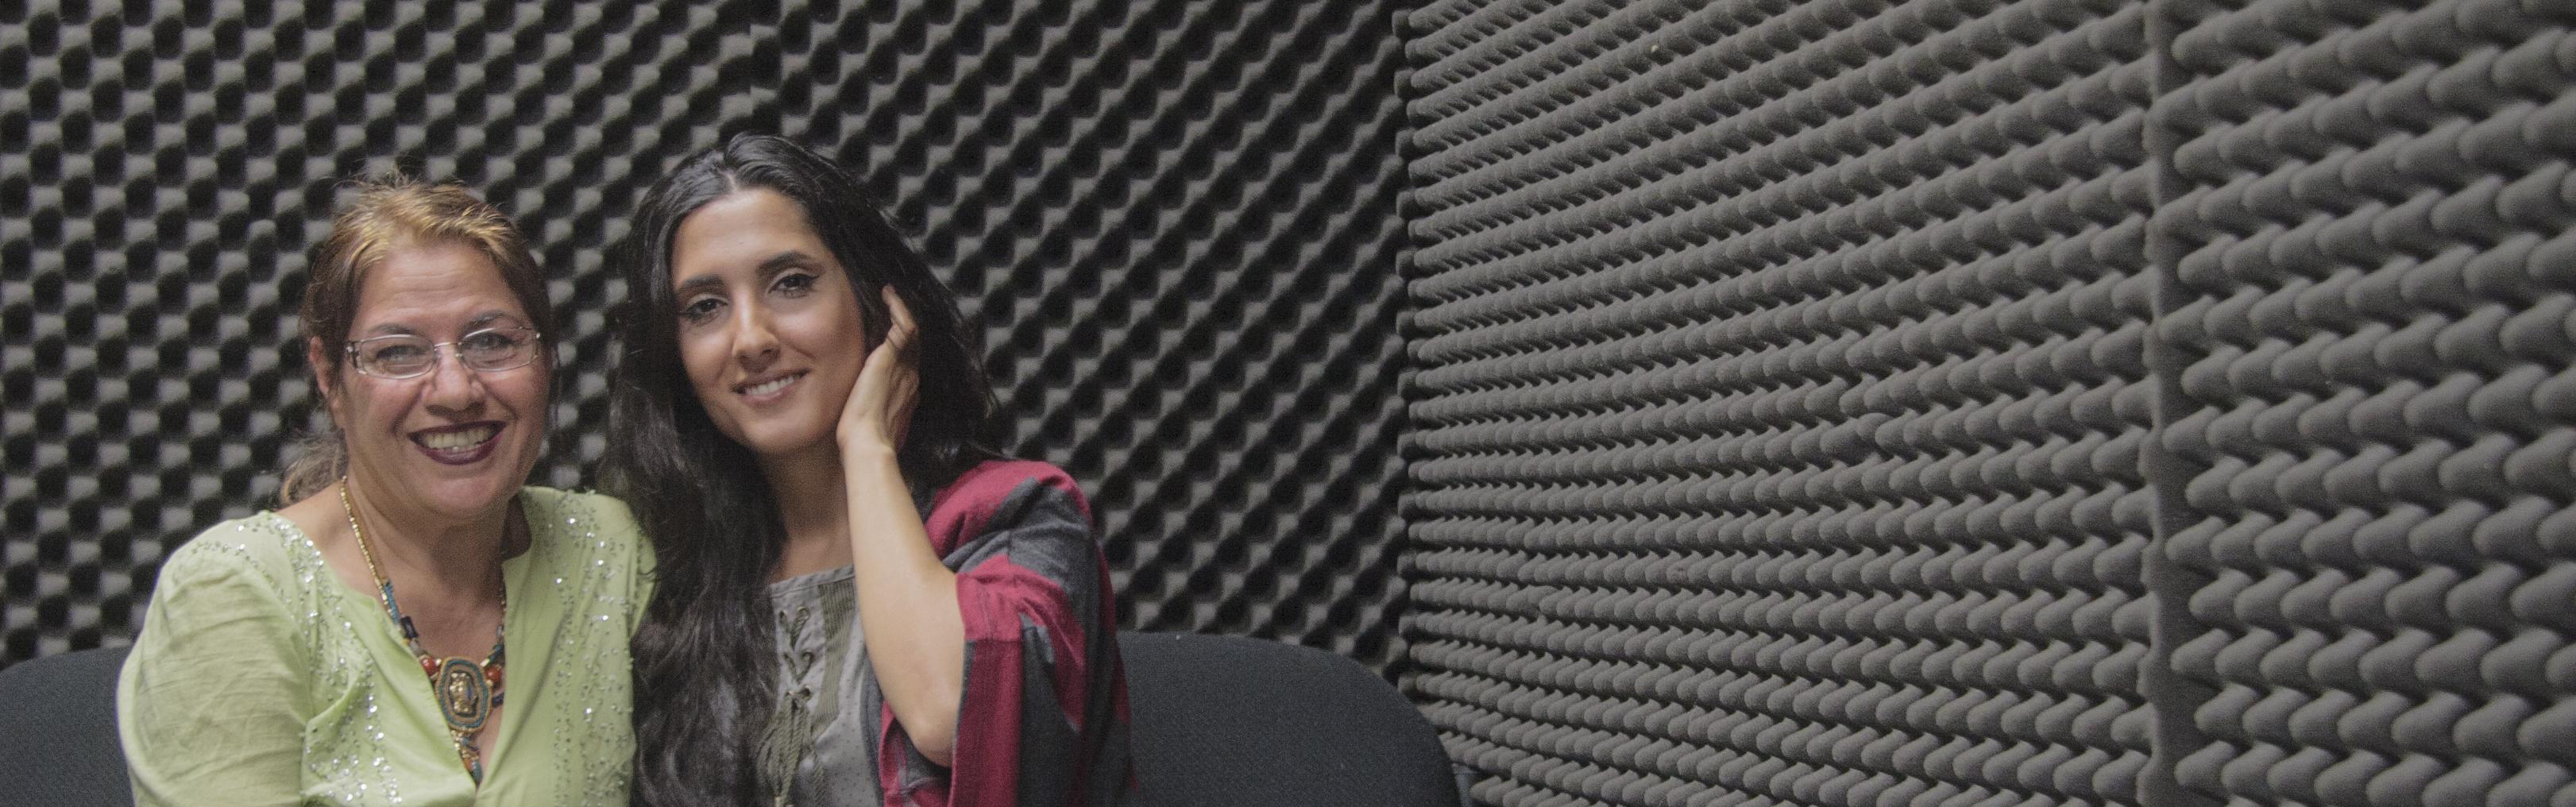 Farsi Show – 06.03.15 – Singing with Shadi Amini